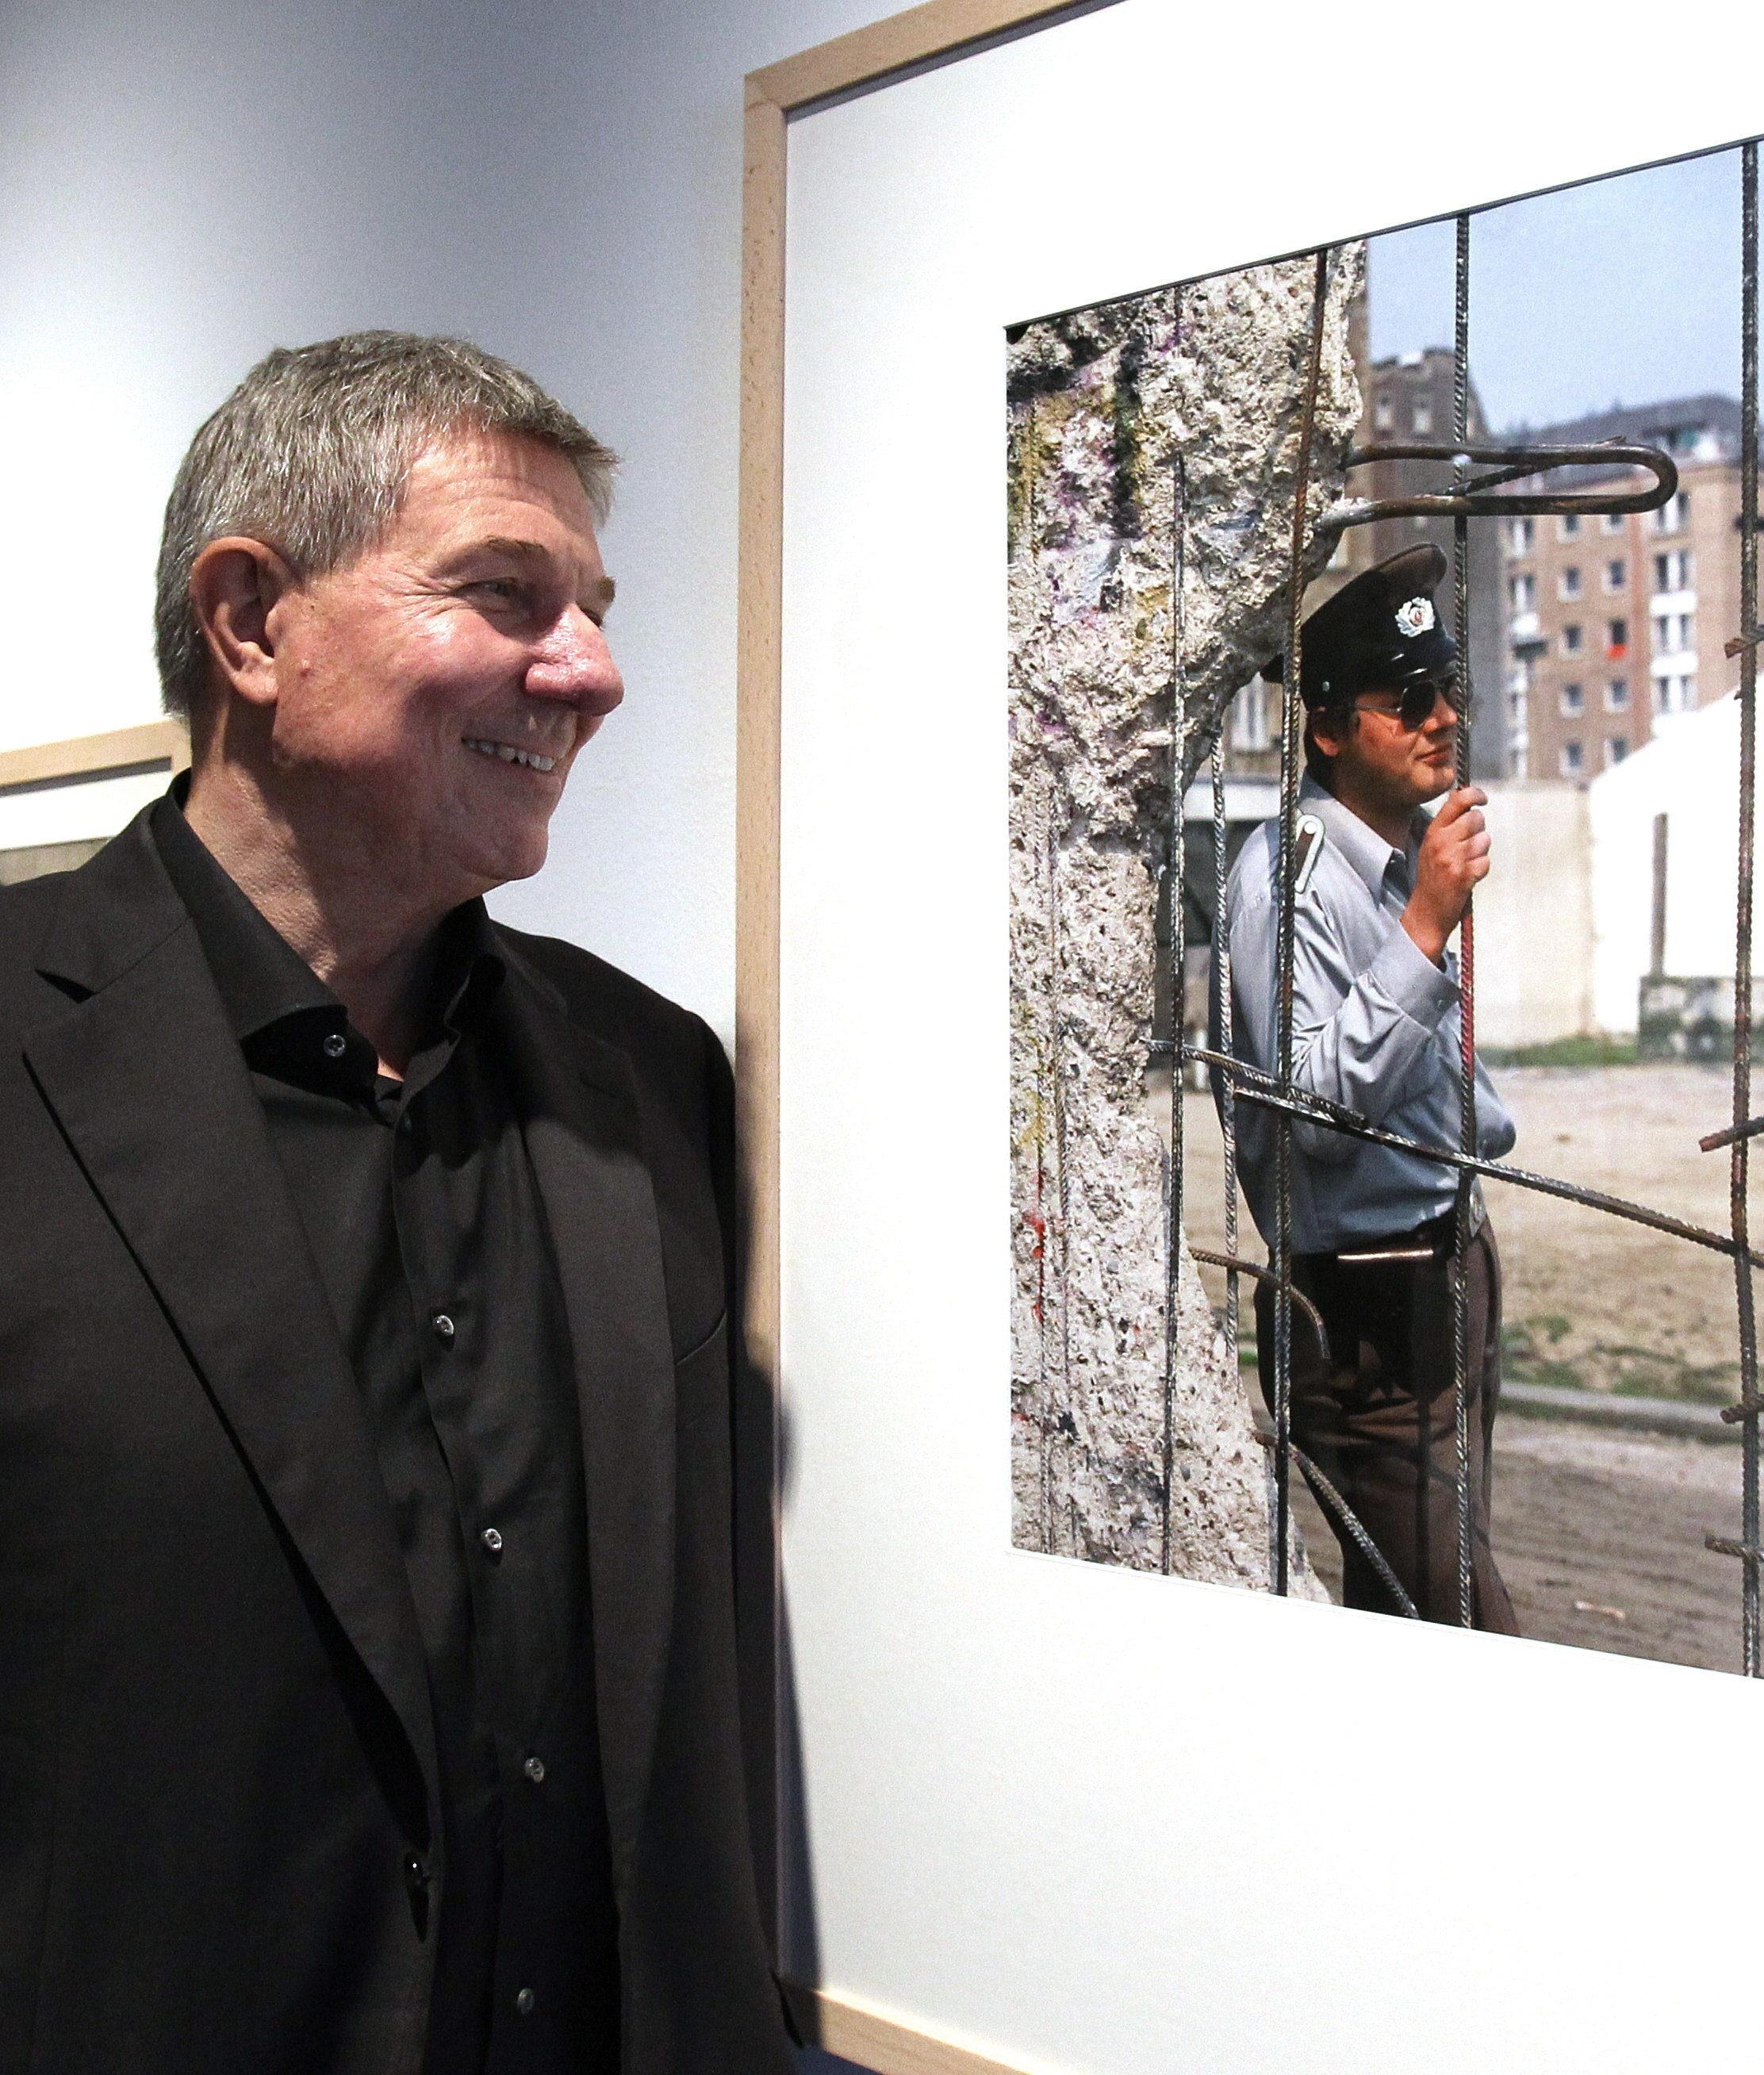 El fotógrafo Daniel Biskup evoca el histórico derribo del Muro de Berlín